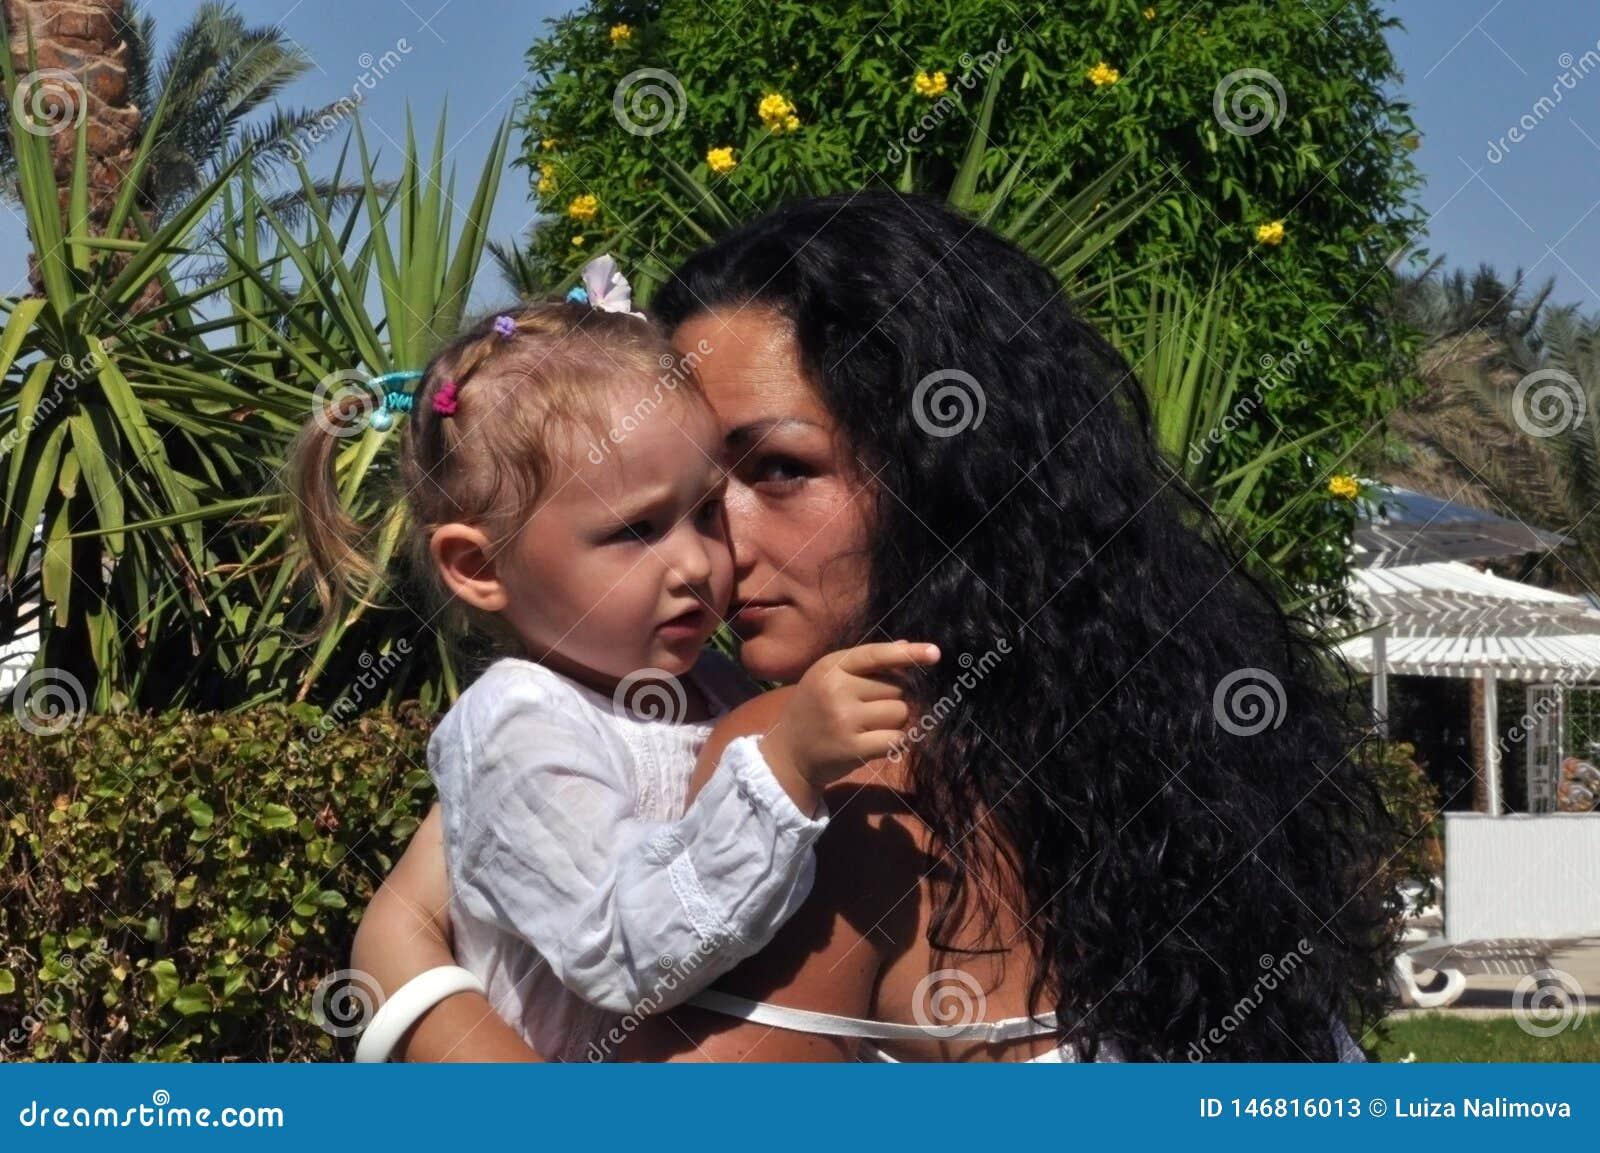 Een vrouw met lang, zwart krullend haar omhelst haar dochter op een zonnige dag